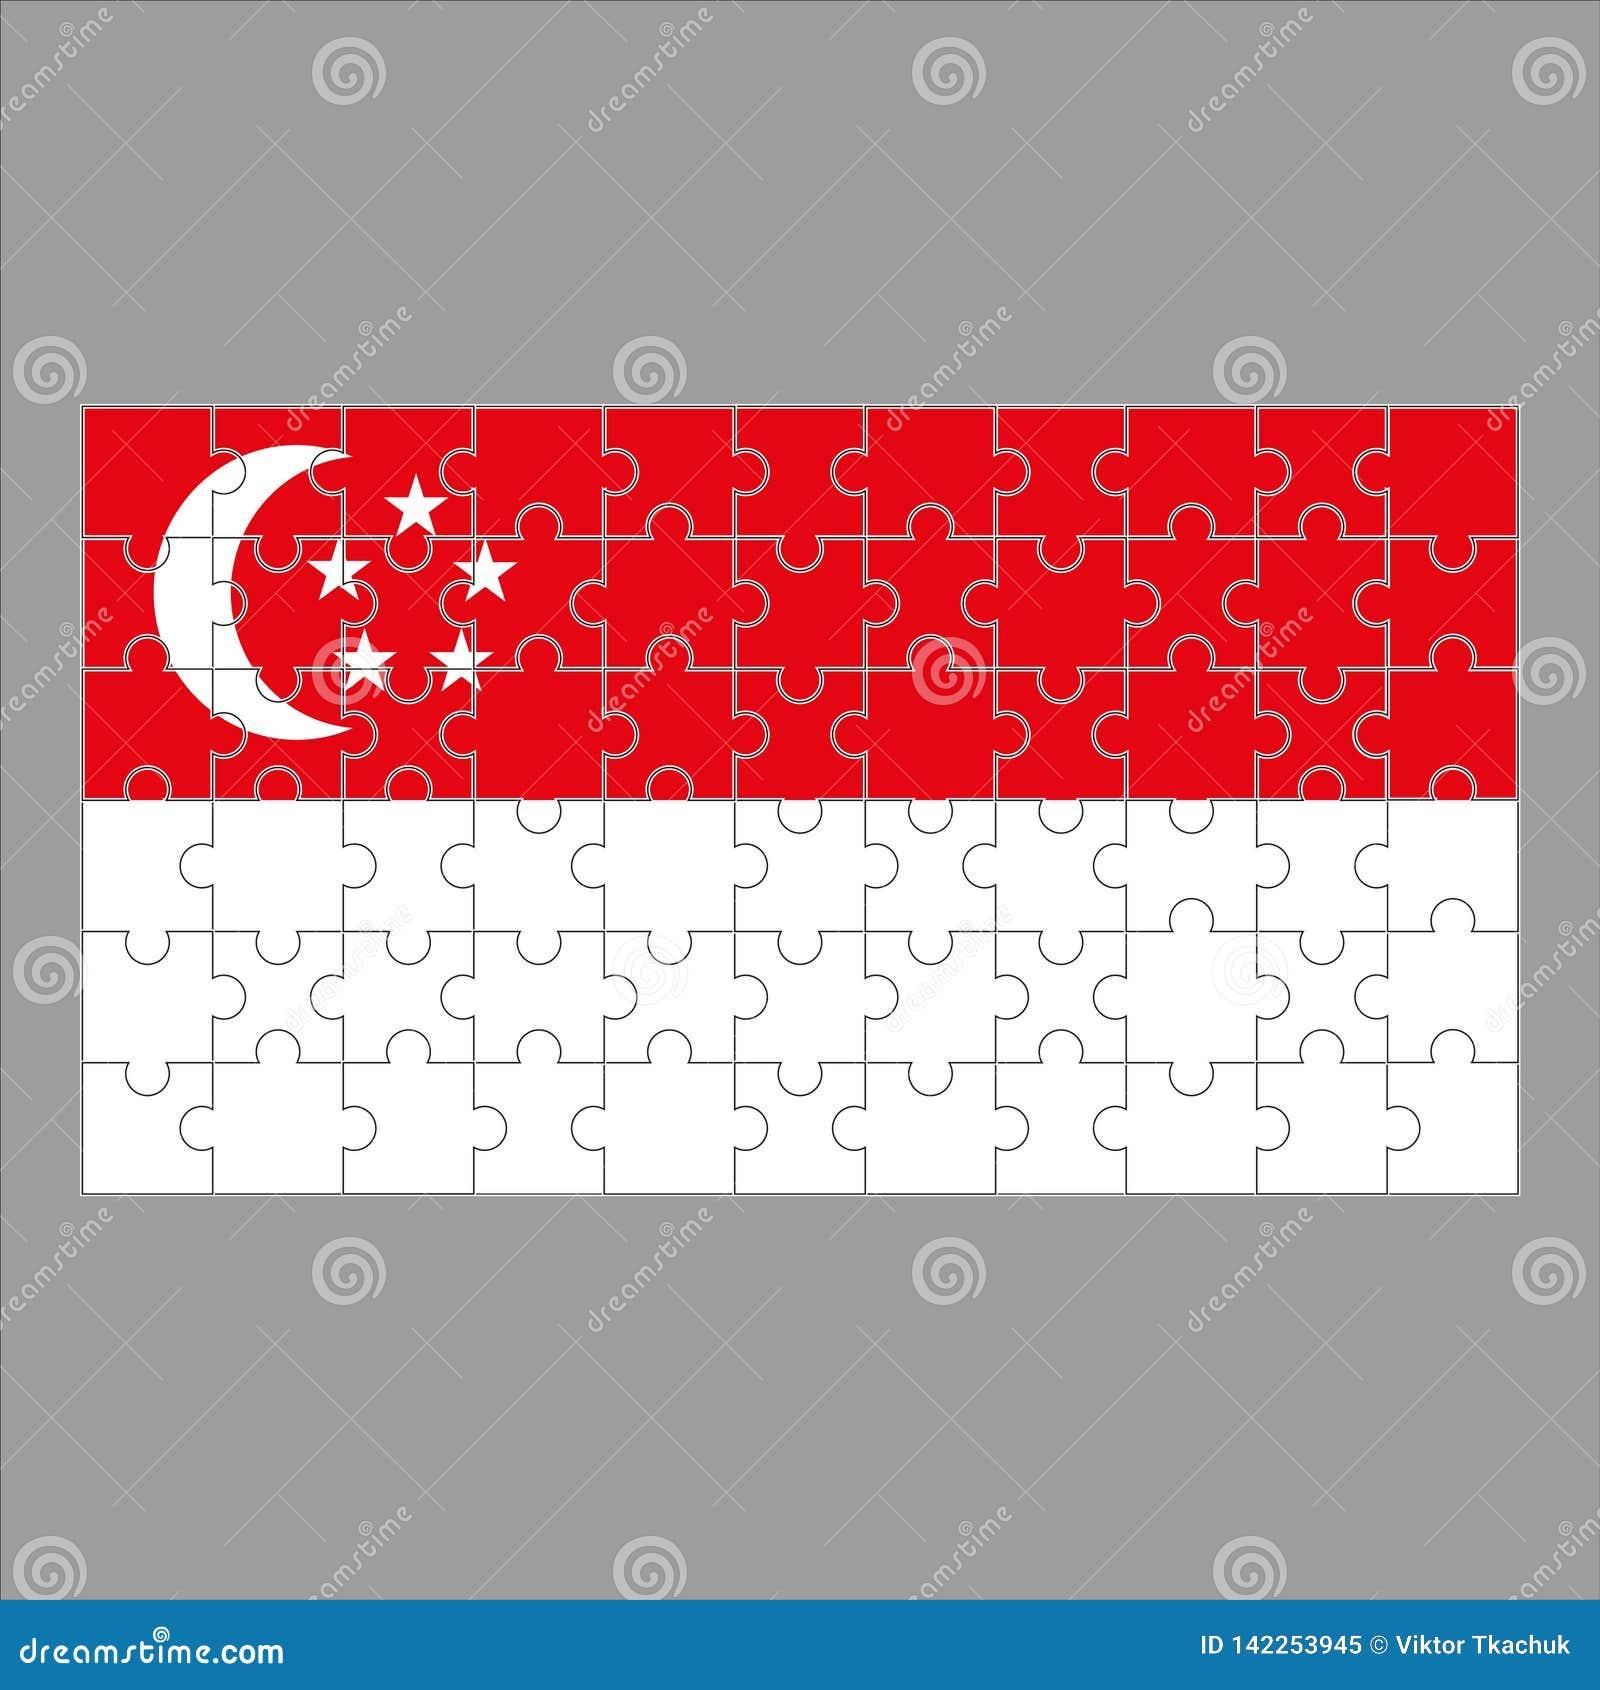 Σημαία της Σιγκαπούρης από τους γρίφους σε ένα γκρίζο υπόβαθρο